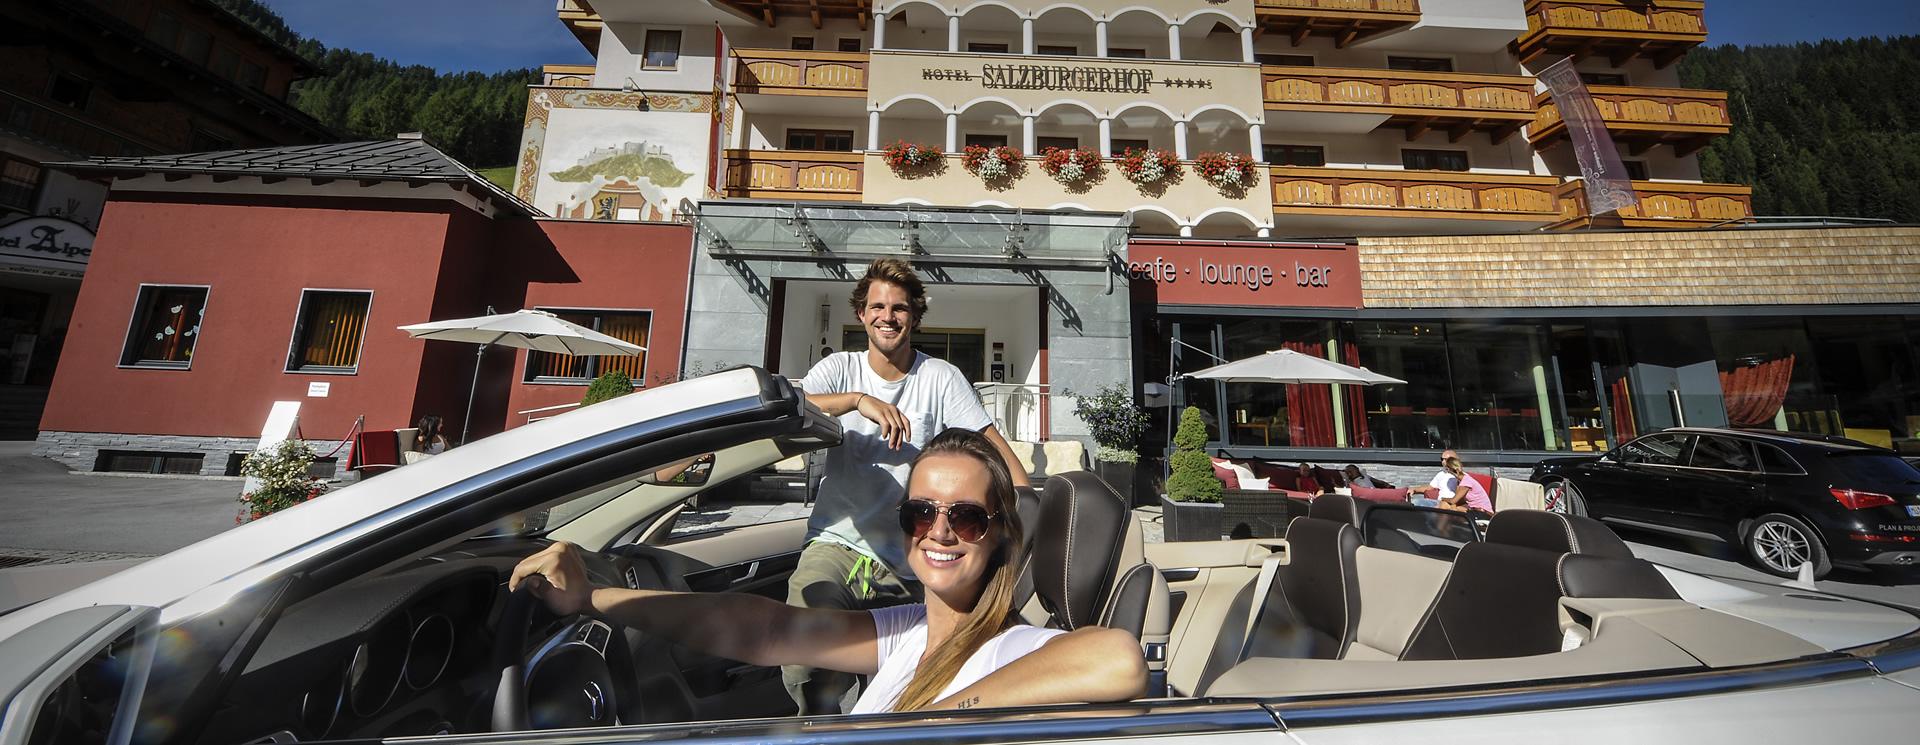 Cabrio - Hotel Zauchensee Salzburger Hof